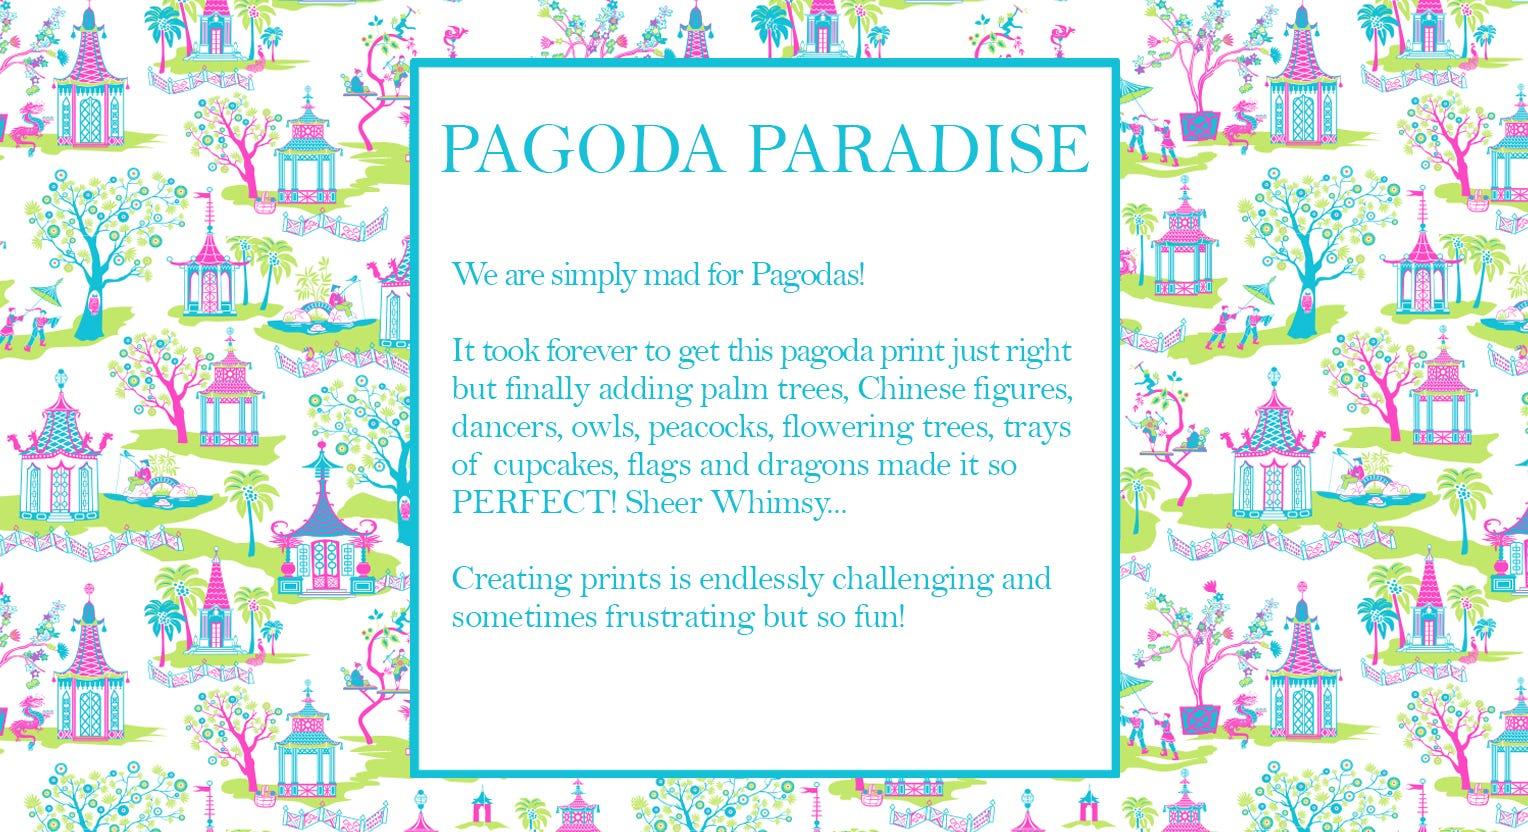 Pagoda Paradise